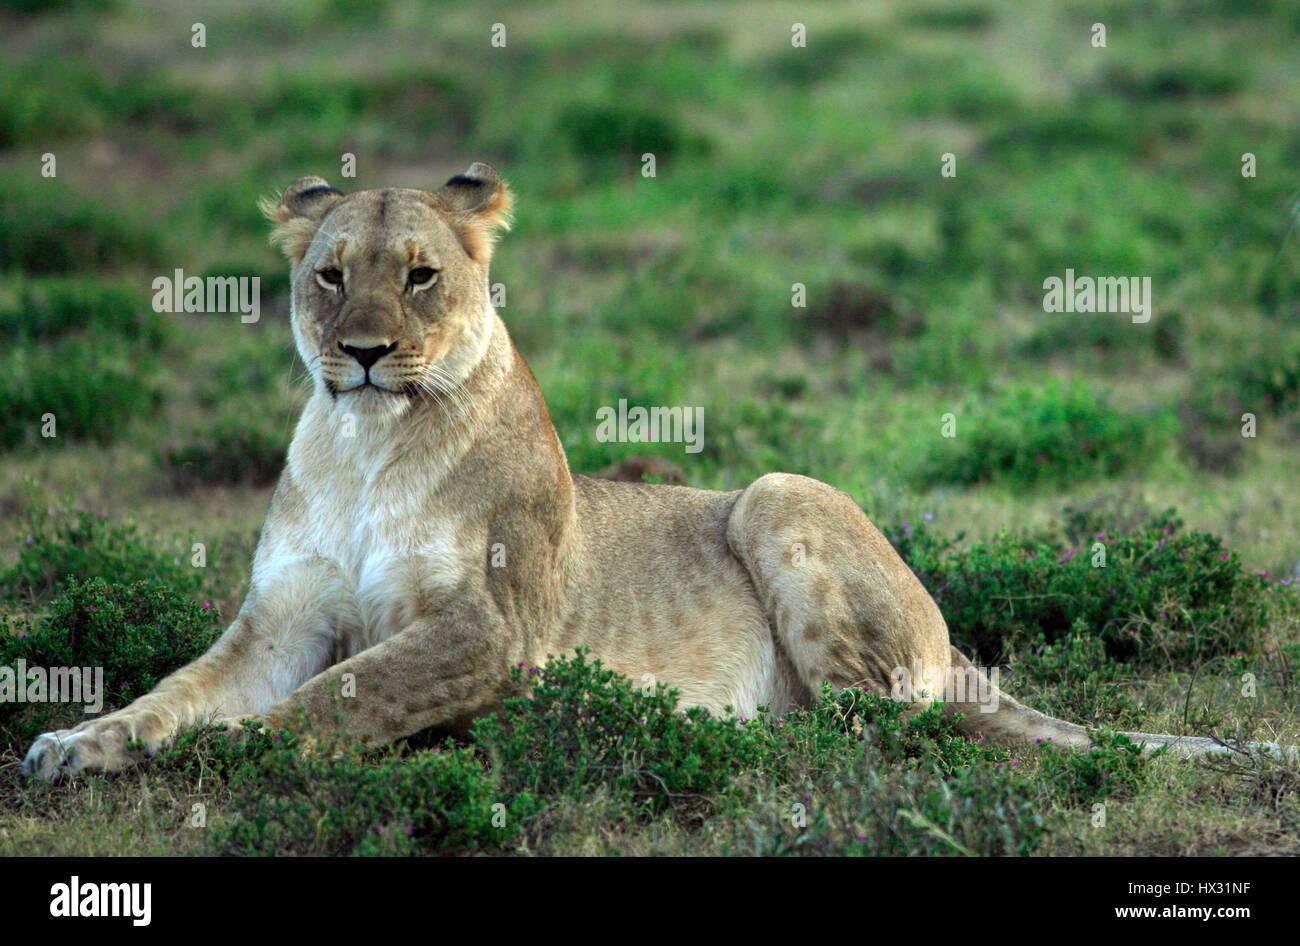 Una leonessa si siede sul prato, durante un safari in una riserva privata in Sud Africa dal 18 marzo 2017. © Giovanni Voos Foto Stock